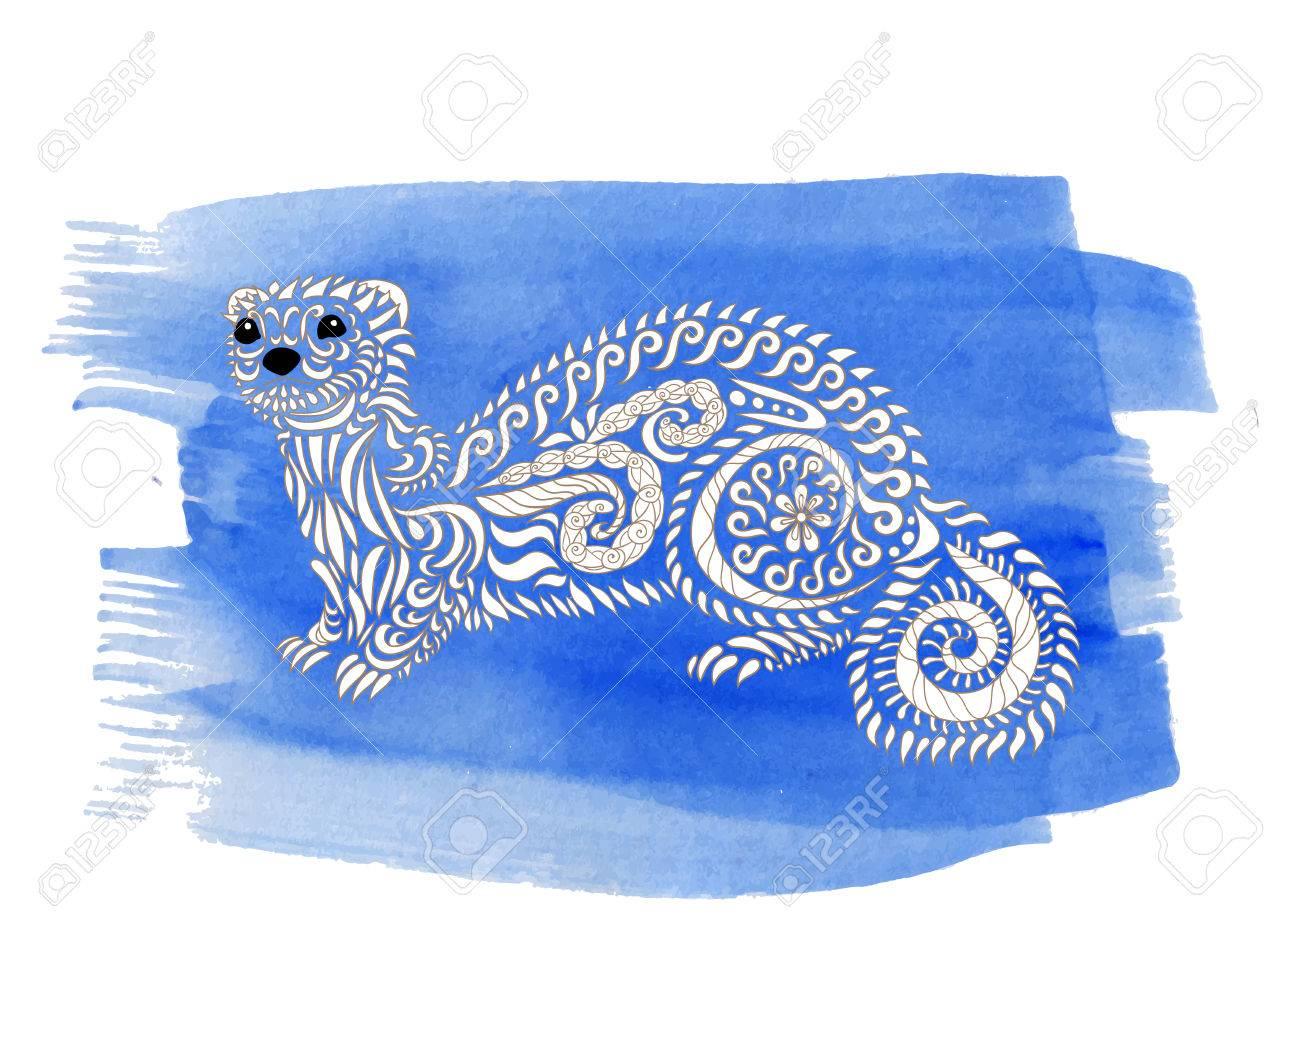 Dibujado A Mano Hurón En El Fondo De La Acuarela Dibujo Para Colorear De Arte Terapia Anti Estrés Negro Mano Blanca Dibujada Animales Zendoodle